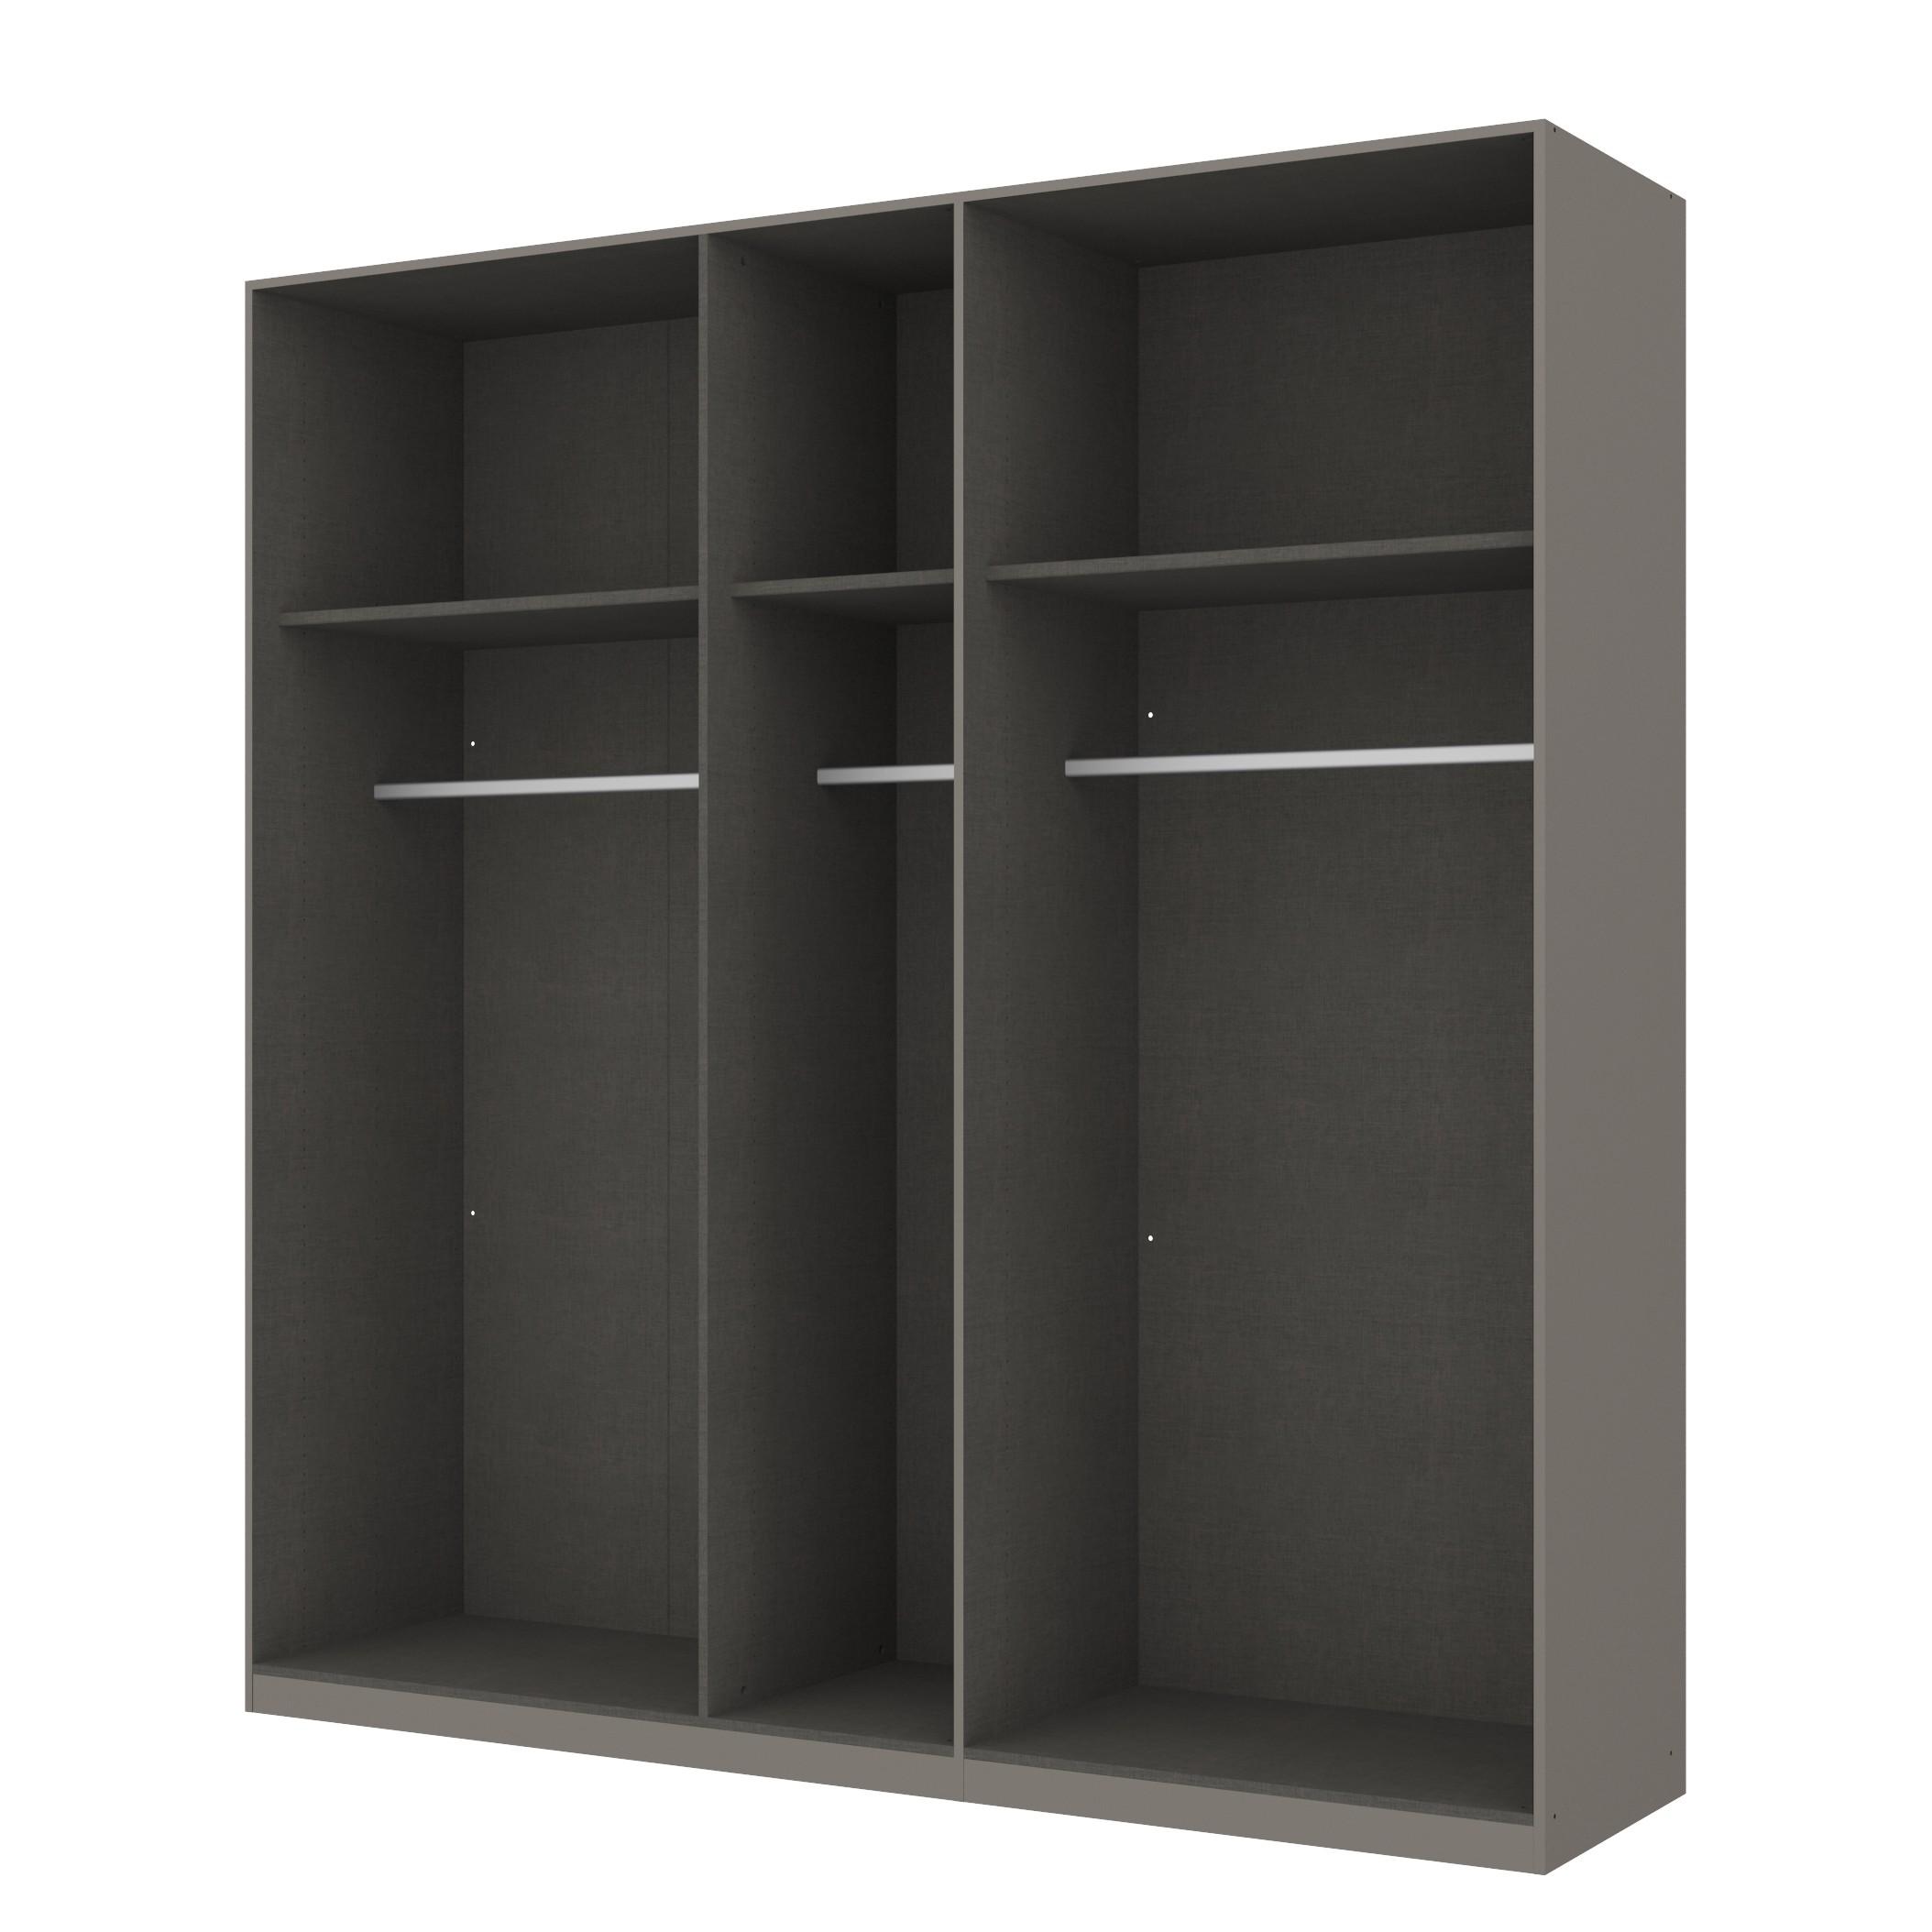 Kleiderschrank SKØP - Graphit/ Offen - 225 cm (5-türig) - 236 cm - Premium